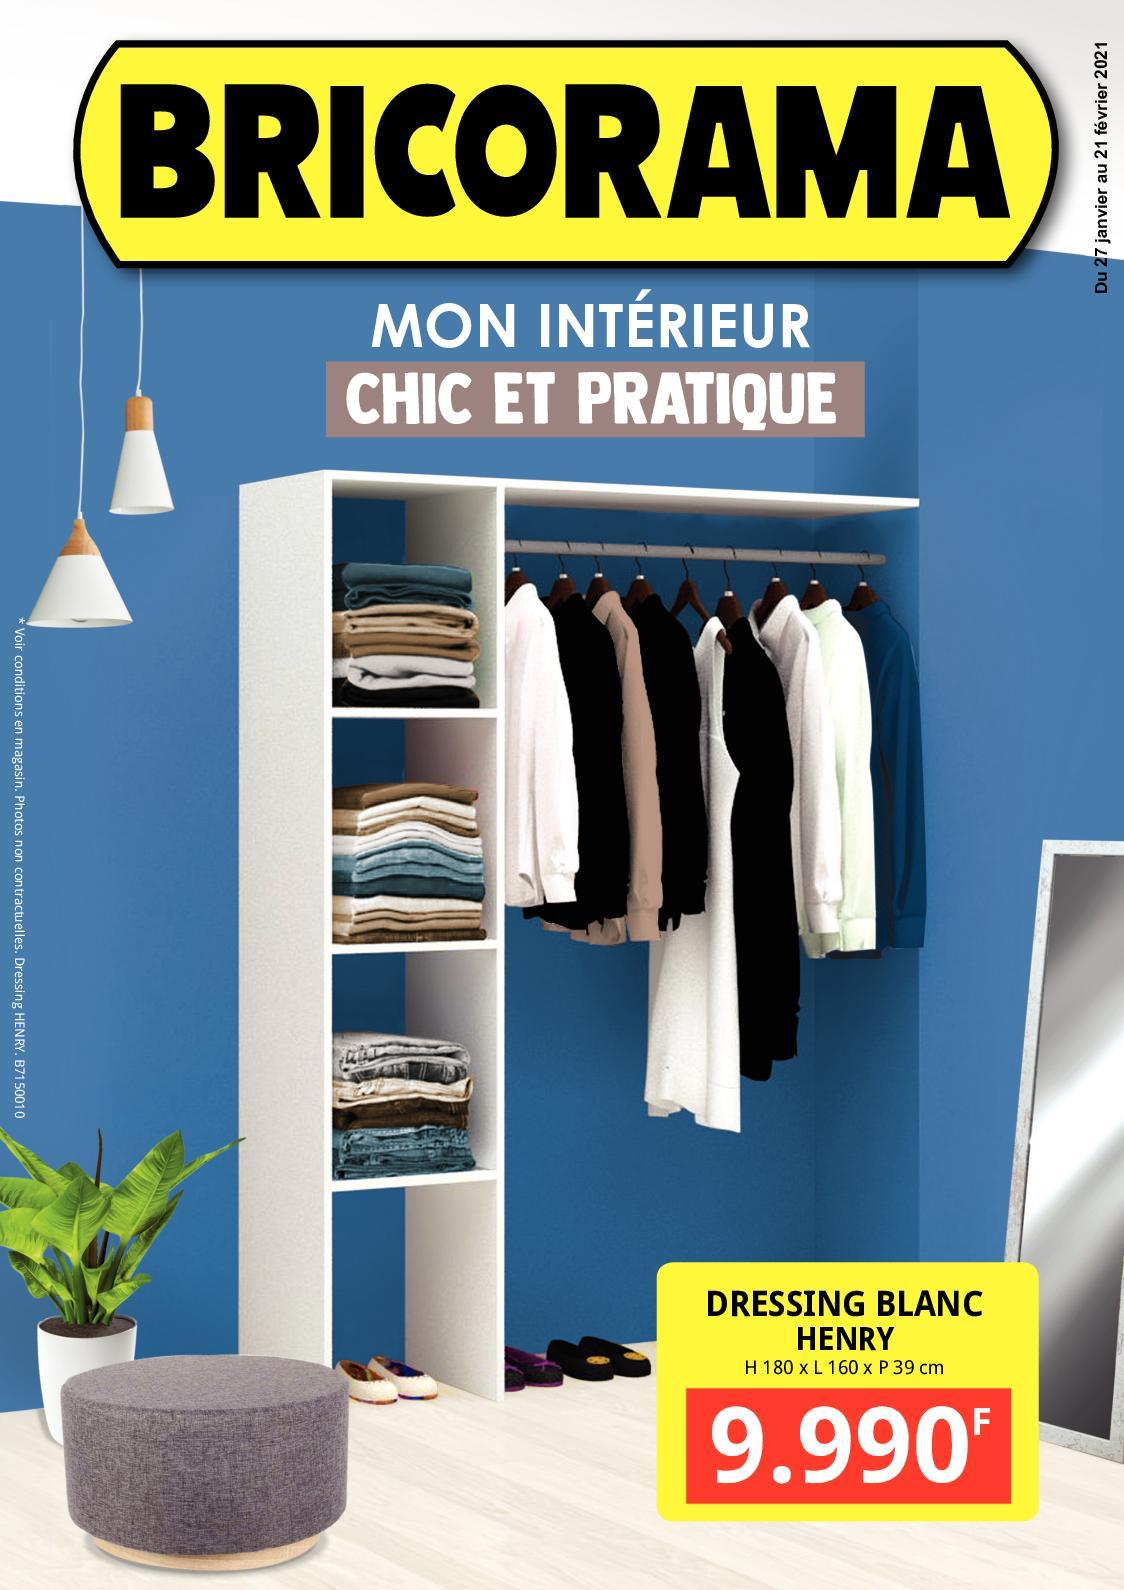 Calameo Mon Interieur Chic Et Pratique Catalogue Bricorama Du 27 Janvier Au 21 Fevrier